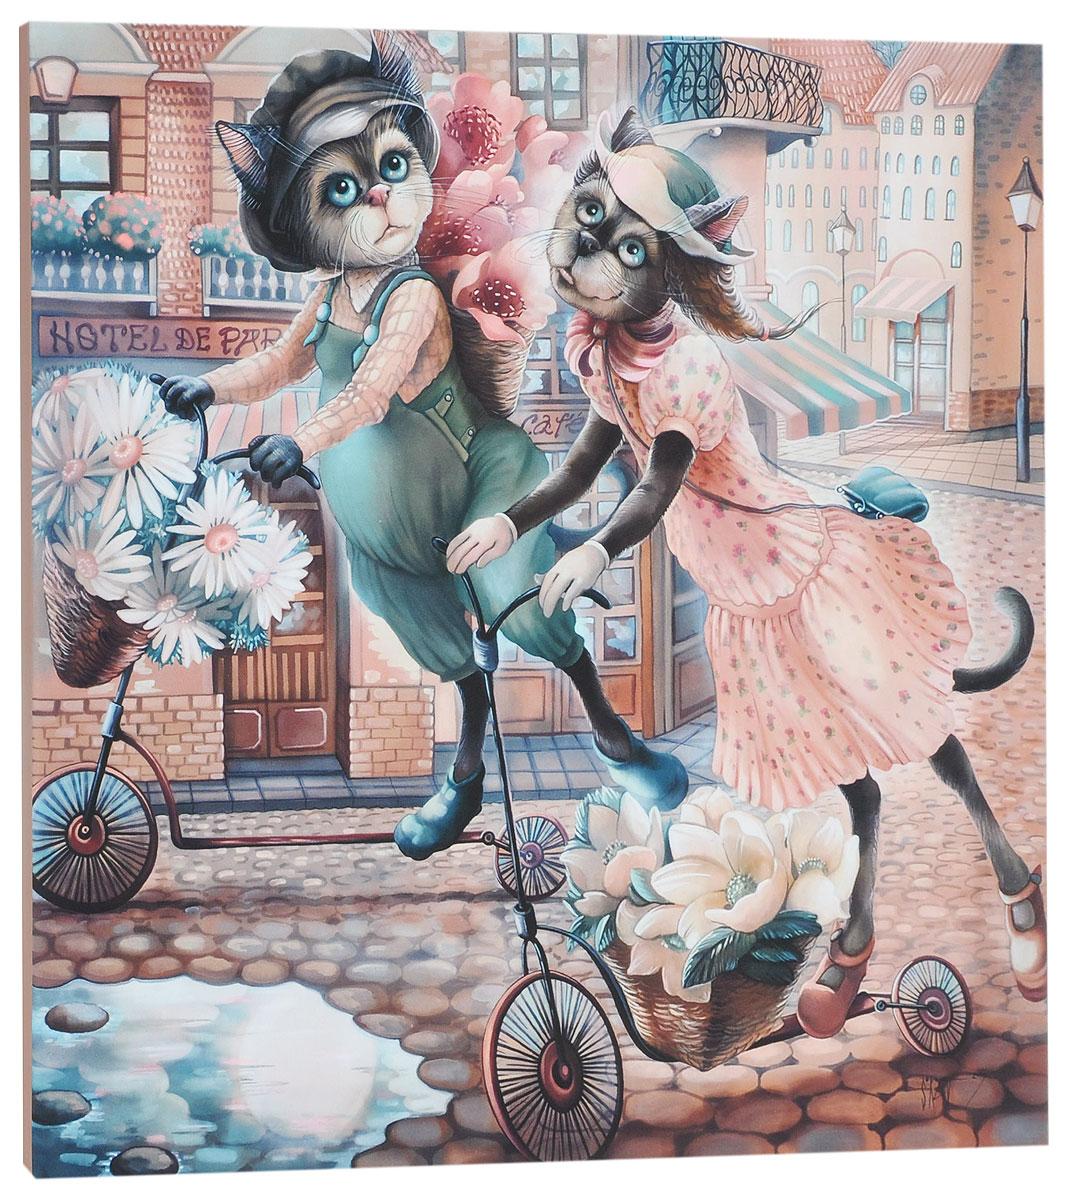 КвикДекор Картина детская Разносчики цветовПКПВШКАКартина КвикДекор Разносчики цветов - это прекрасное украшение для вашей гостиной, детской или спальни. Она привнесет в интерьер яркий акцент и сделает обстановку комфортной и уютной.Автор картины - Надежда Соколова - родилась в 1973 году в городе Дрездене. В 1986-1990 годах училась в Художественной школе города Новгорода. В 1995 году окончила с отличием рекламное отделение Новгородского училища культуры. В 2000 году защитила диплом на факультете Искусств и Технологий НовГУ имени Ярослава Мудрого. Выставляется с 1996 года. Работает в техниках: живопись, графика, батик, лаковая миниатюра, авторская кукла. Является автором оригинального стиля в миниатюре.Изделие представляет собой картину с латексной печатью на натуральном хлопчатобумажном холсте. Галерейная натяжка на деревянный подрамник выполнена очень аккуратно, а боковые части картины запечатаны тоновой заливкой. Обратная сторона подрамника содержит отверстие, благодаря которому картину можно легко закрепить на стене и подкорректировать ее положение.Картина Разносчики цветов станет отличным украшением любого помещения, а также оригинальным подарком родным и близким.